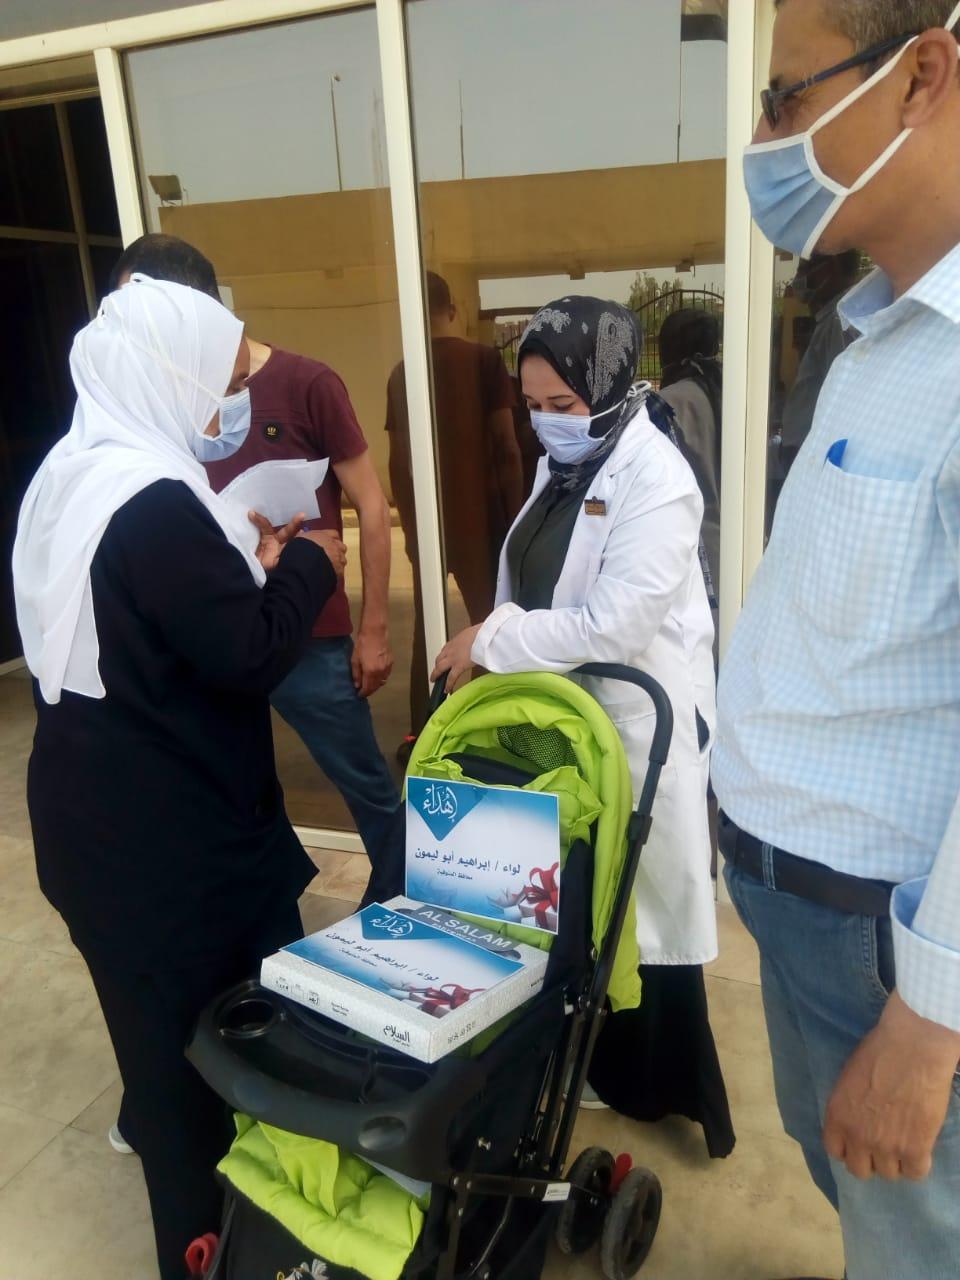 عجلة وكوفرته هدية محافظ المنوفية لأول مولود داخل العزل الصحي بالباجور (3)